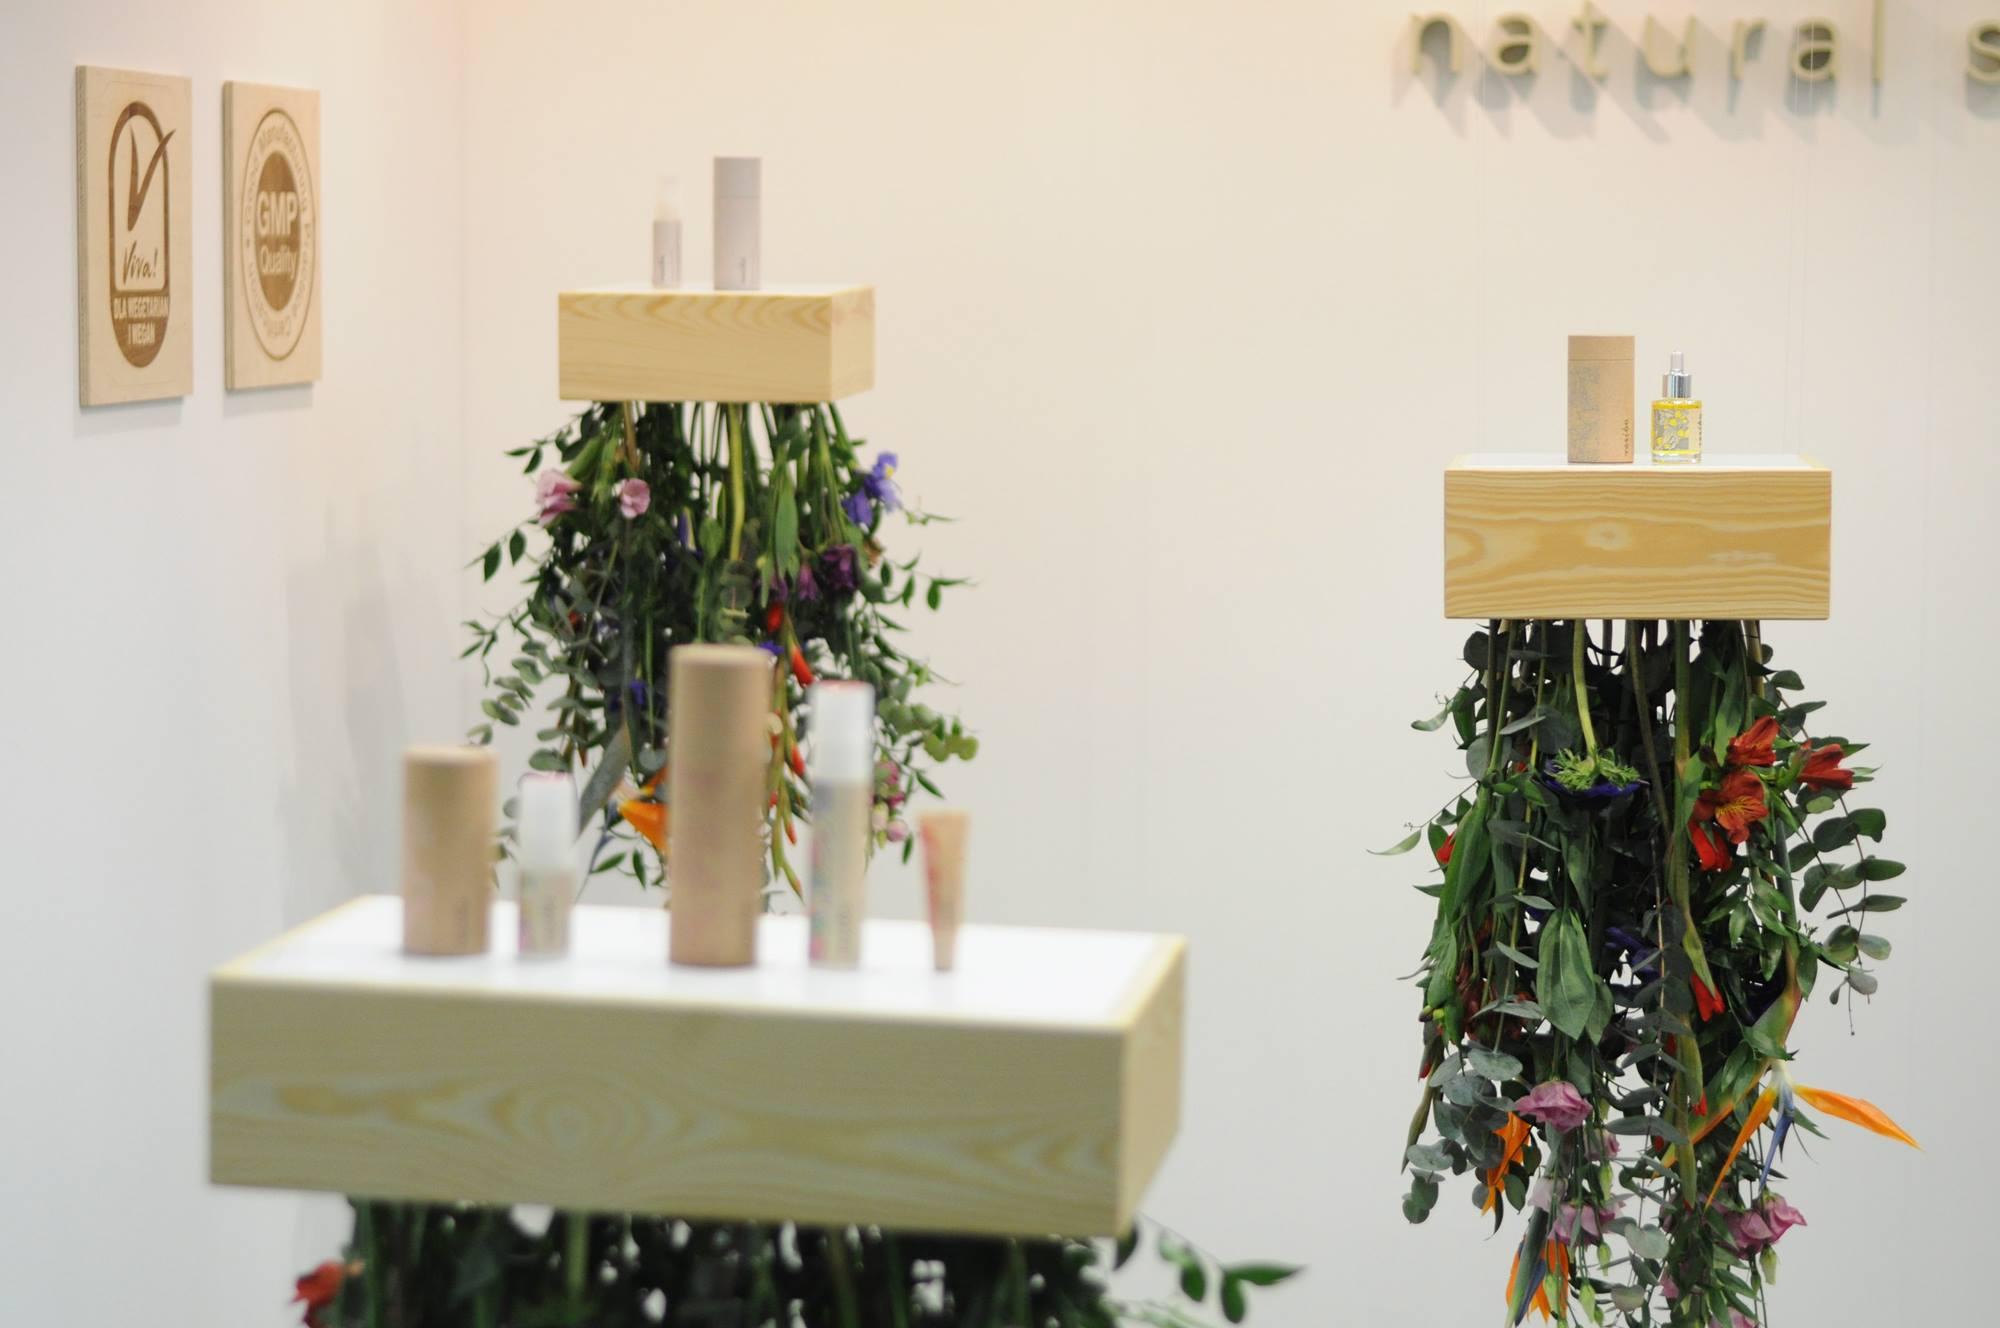 opakowania plastik tektura wisząca ekspozycja